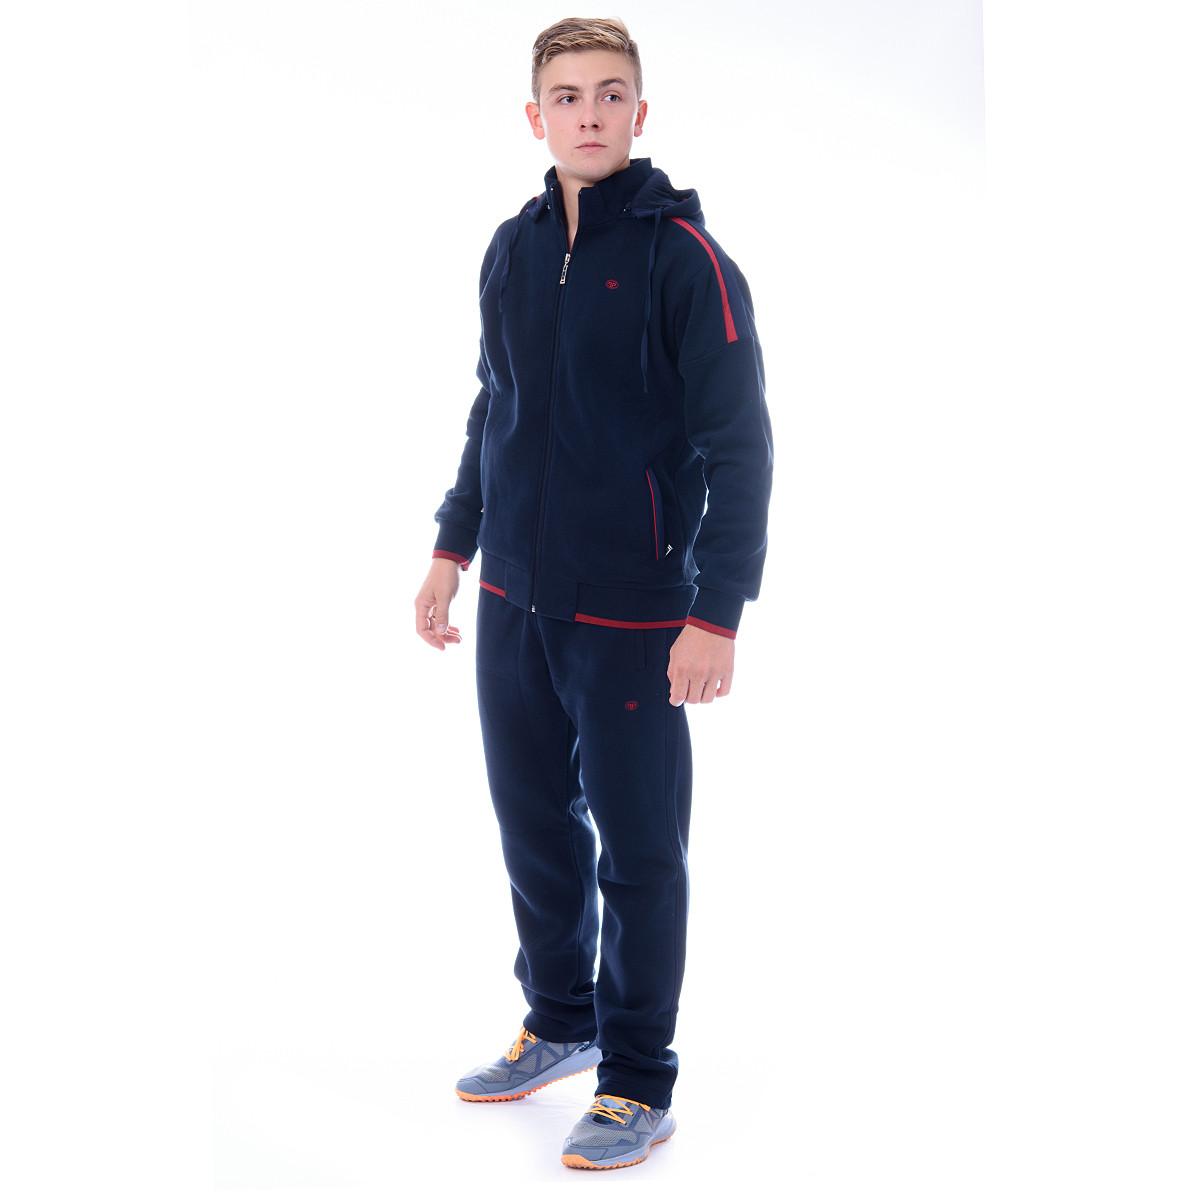 4faae1e15bcf Мужские спортивные костюмы PIYERA на байке с капюшоном пр-во Турция 5034